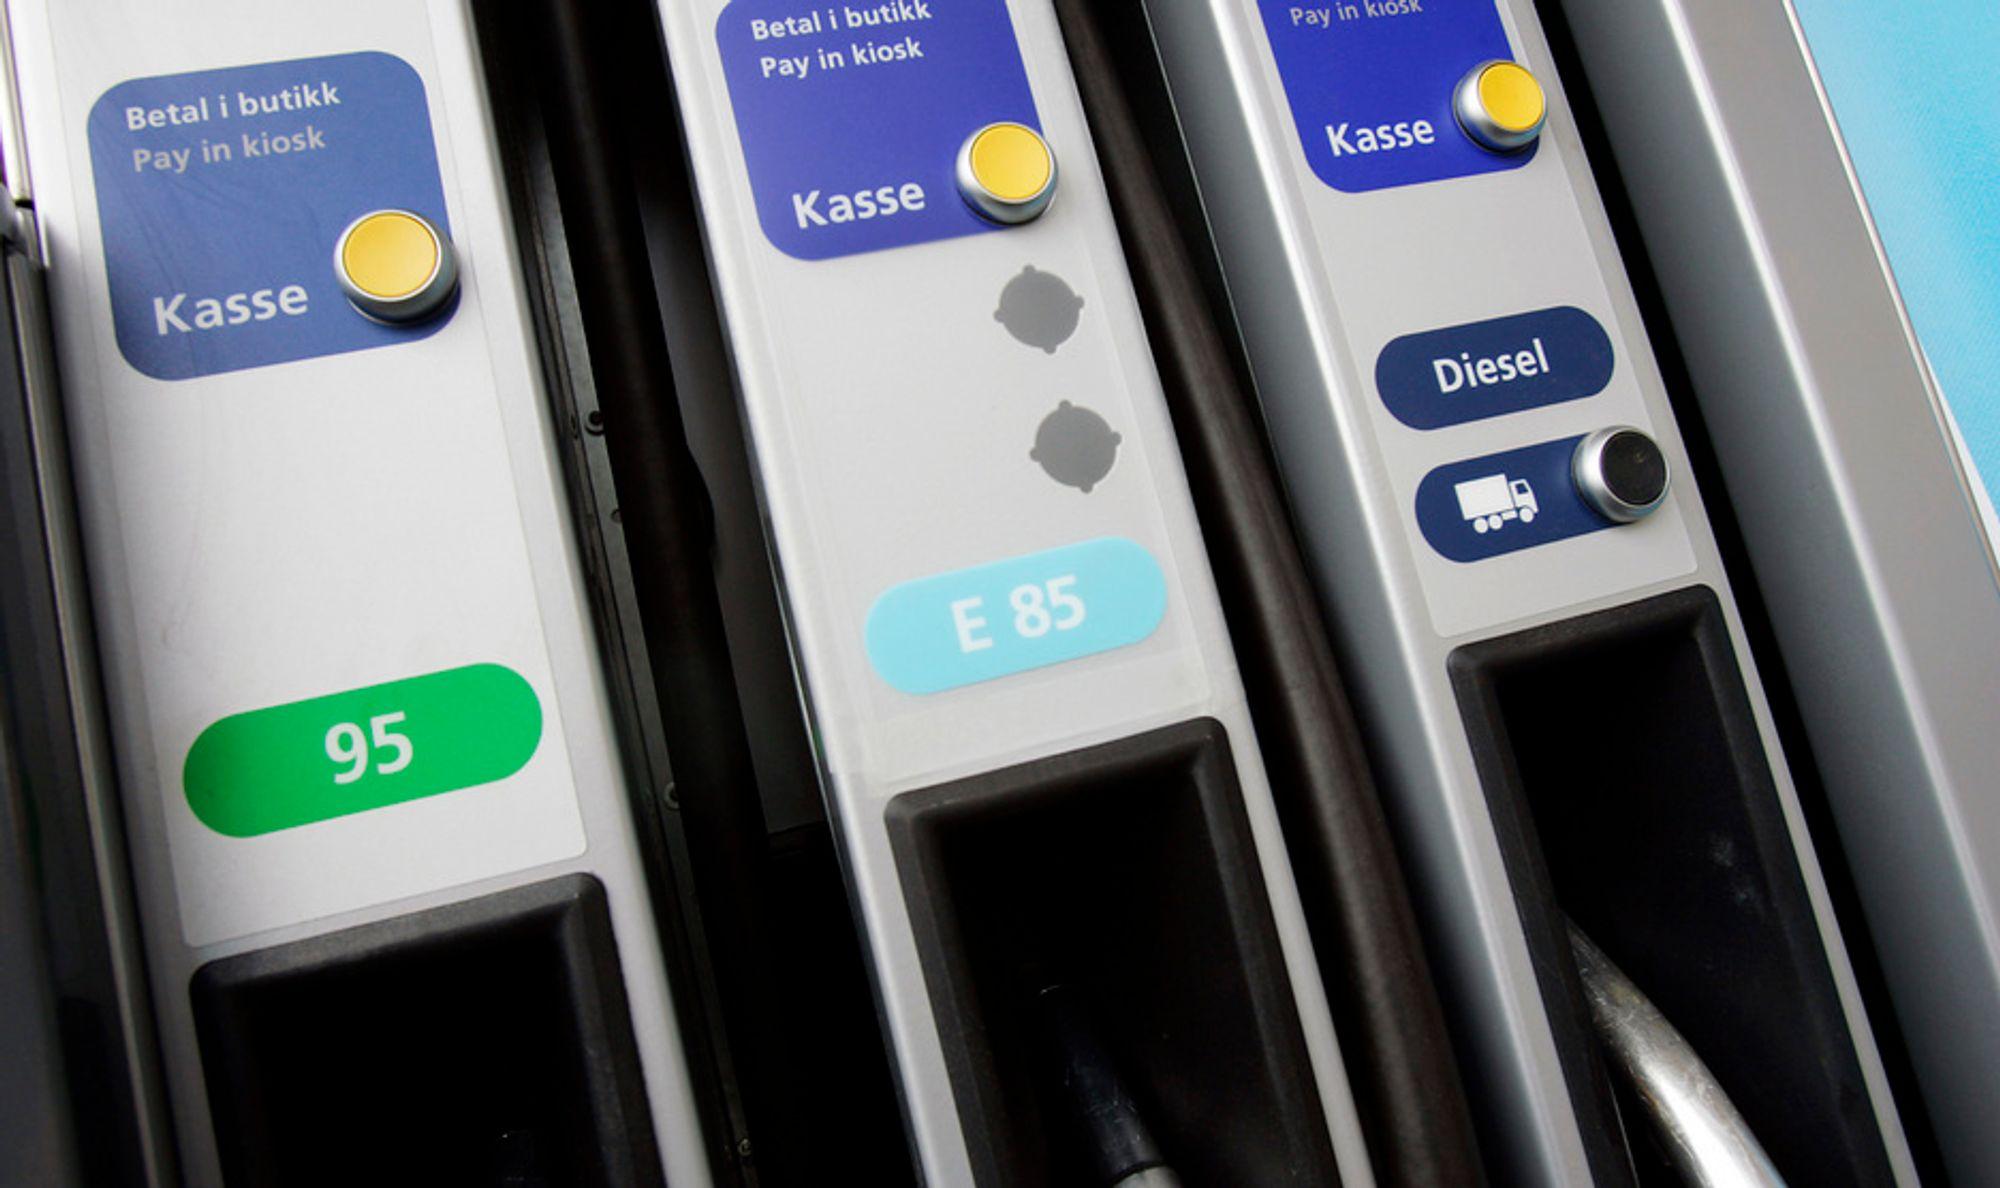 Omsetningspåbud for biodrivstoff blir positivt mottatt av Norske Skog. De har planer klare for fabrikk på hønefoss, men trrenger pengehjelp.